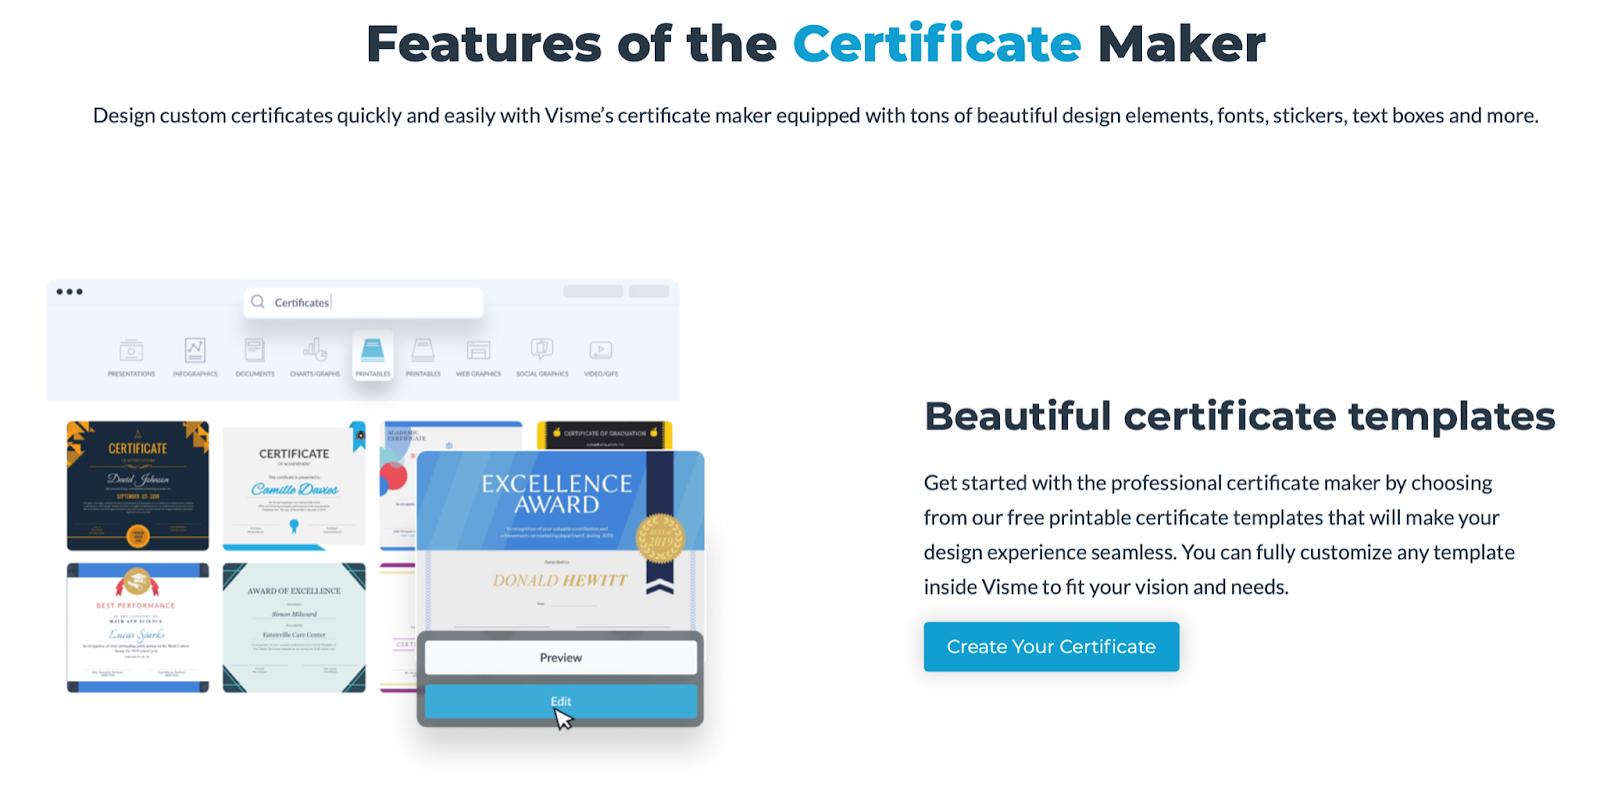 Visme certificate maker